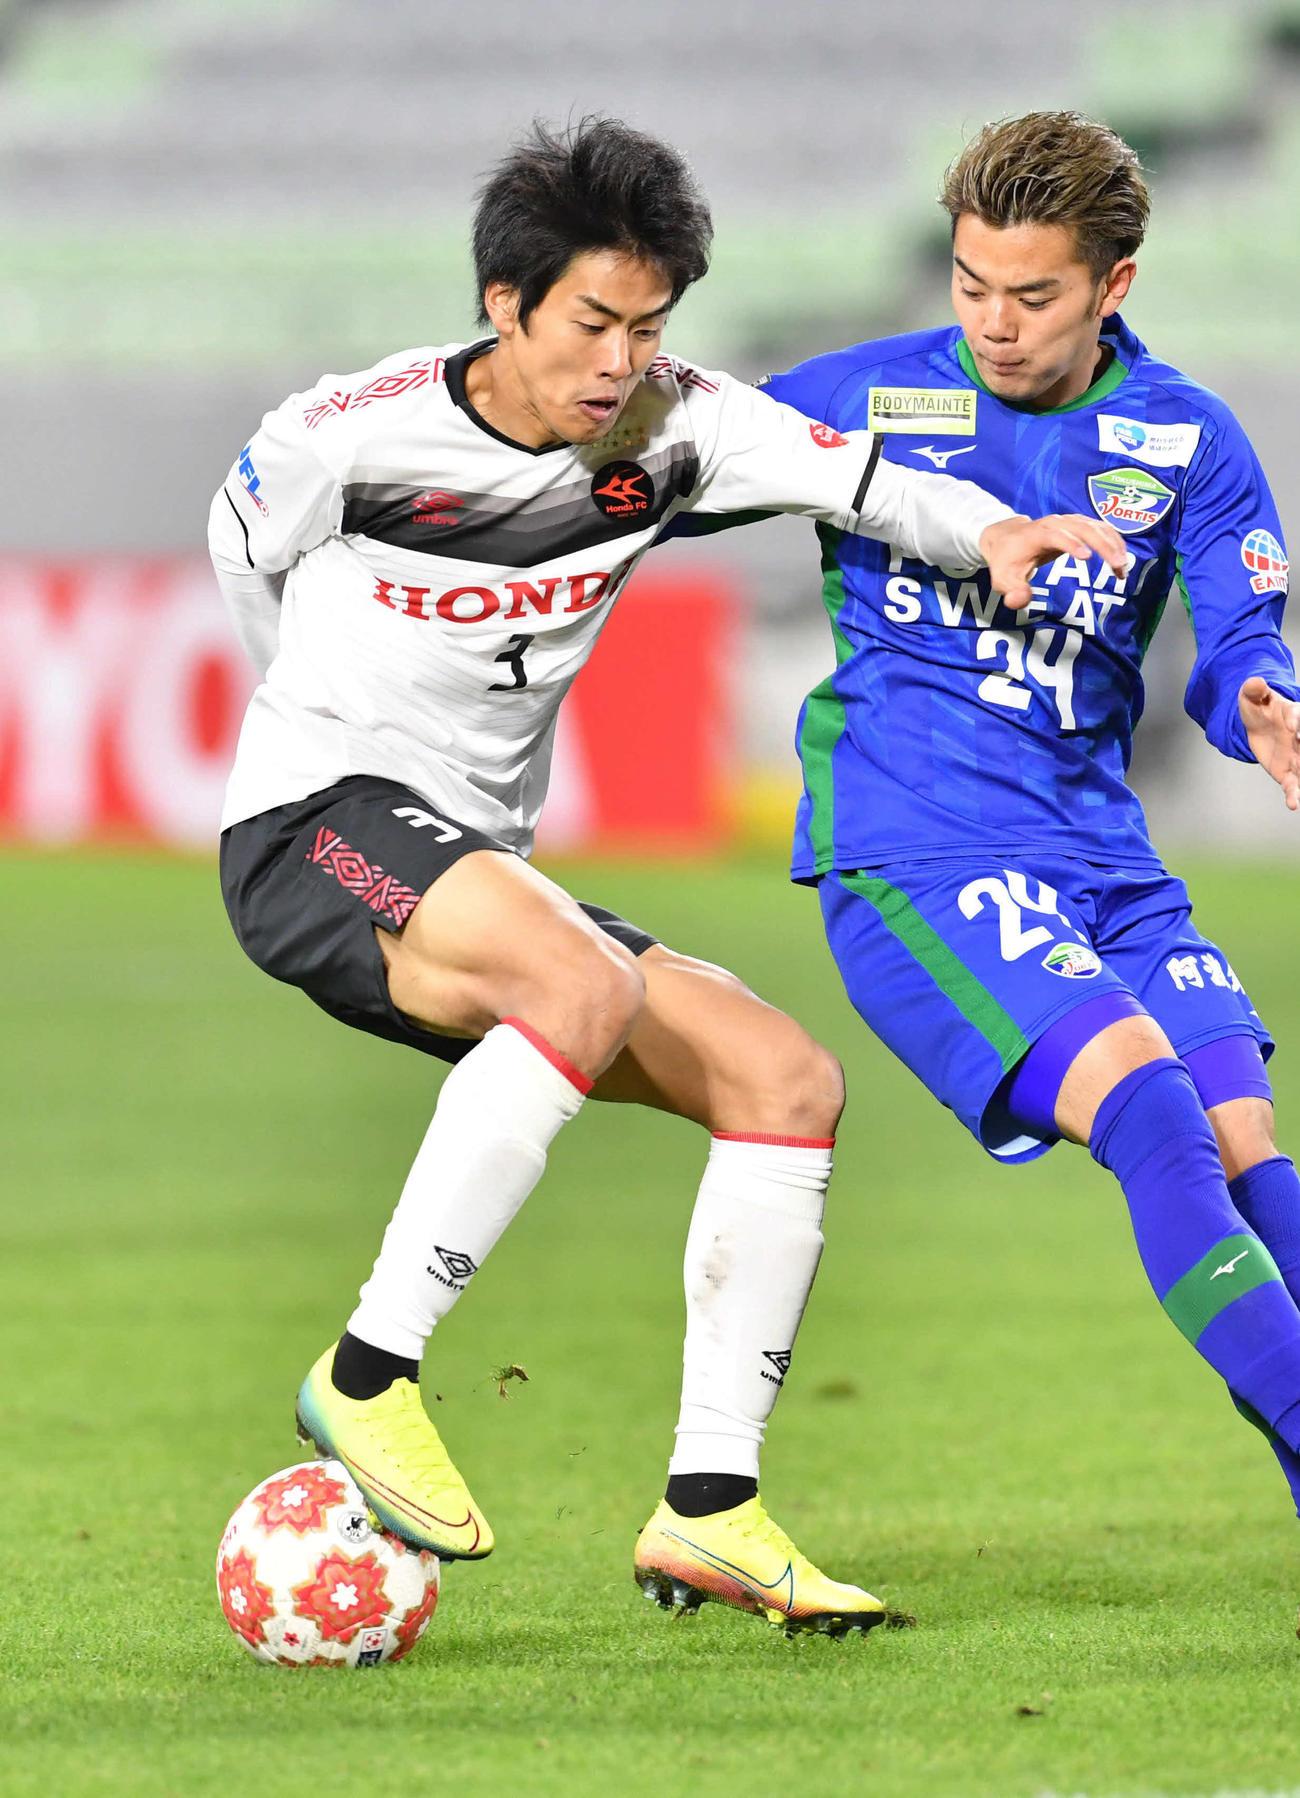 後半、必死にボールをキープするホンダFC・DF三浦(左)(撮影・岩下翔太)